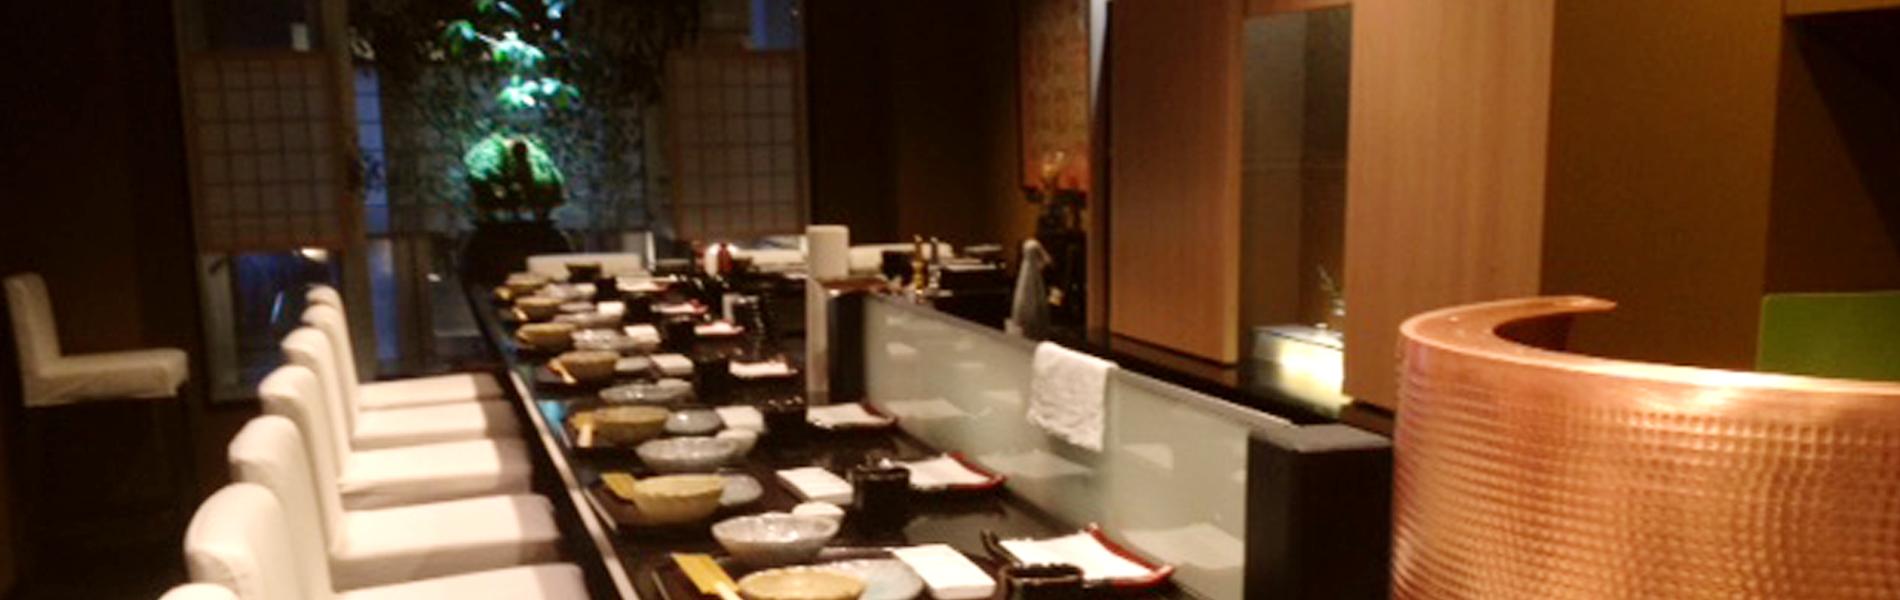 天ぷら東山店内